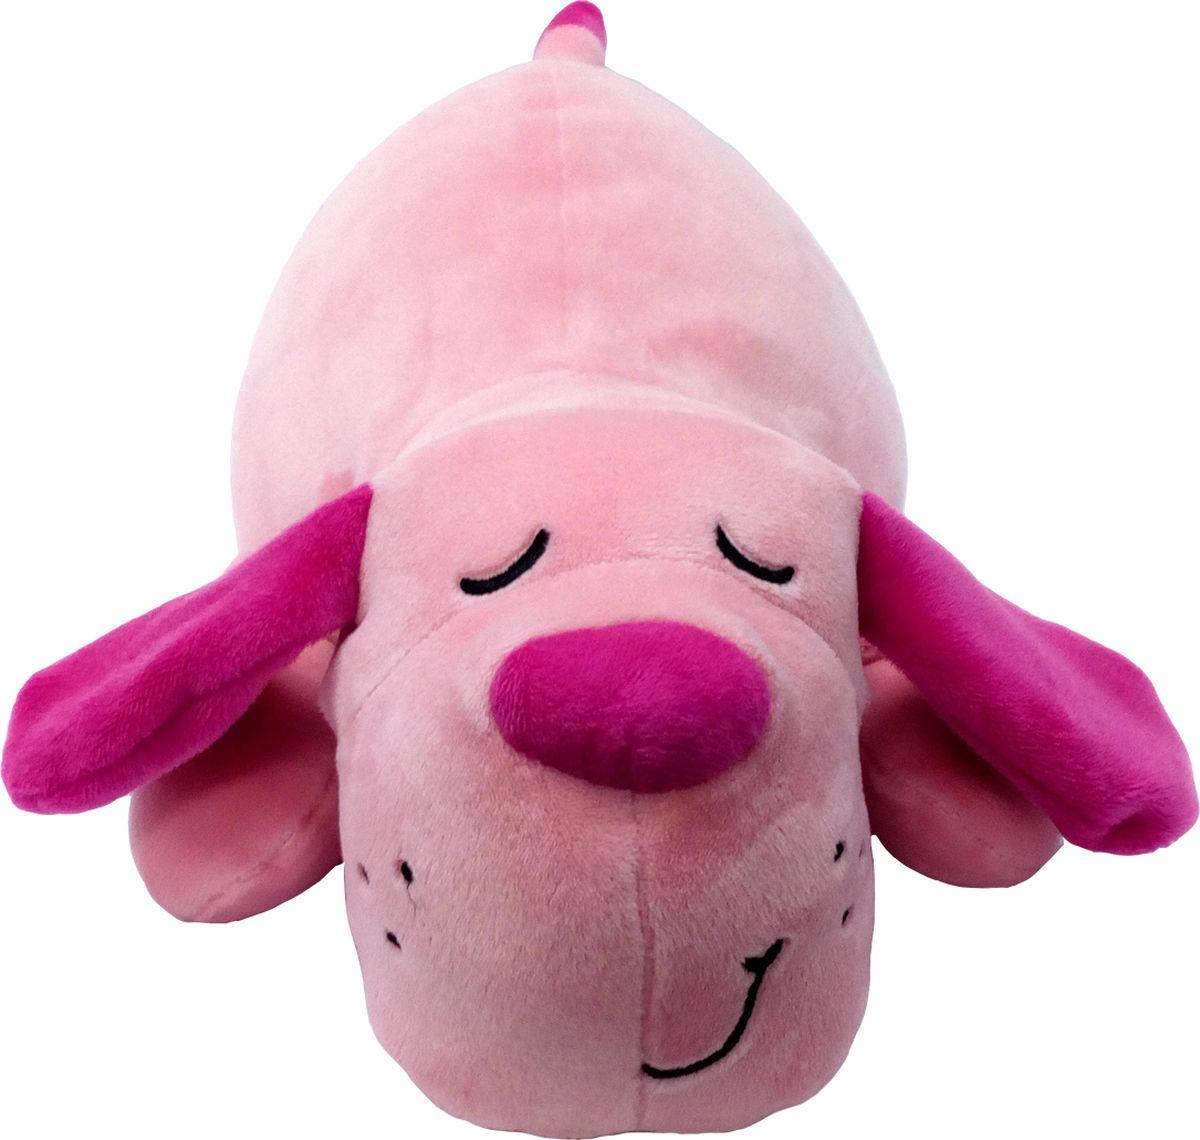 Мягкая игрушка СмолТойс Собачка Лежебока длина 25 см розовый смолтойс мягкая игрушка собачка 45 см 1889 мл 45